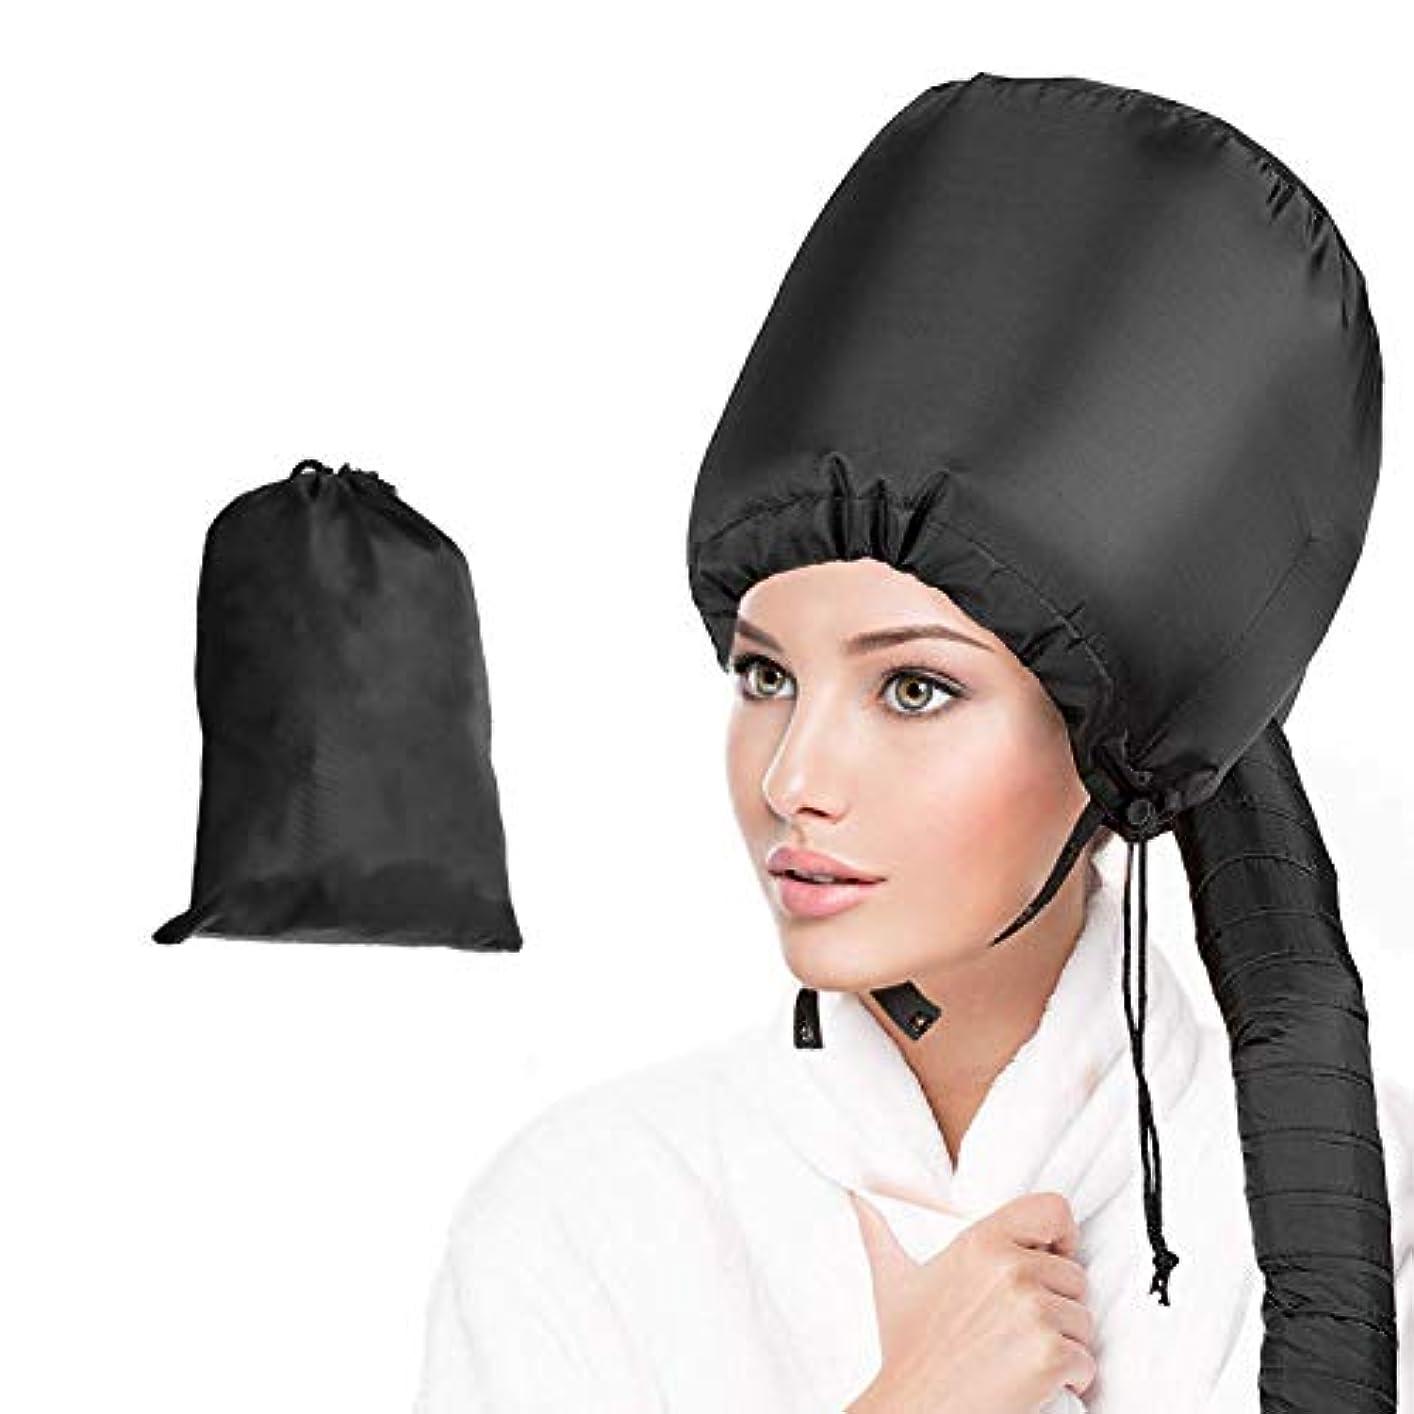 なくなる広告する登山家Weanas ヘアドライヤーキャップ 髪干し帽子 髪ケア ホームサロン 携帯収納ケース付き